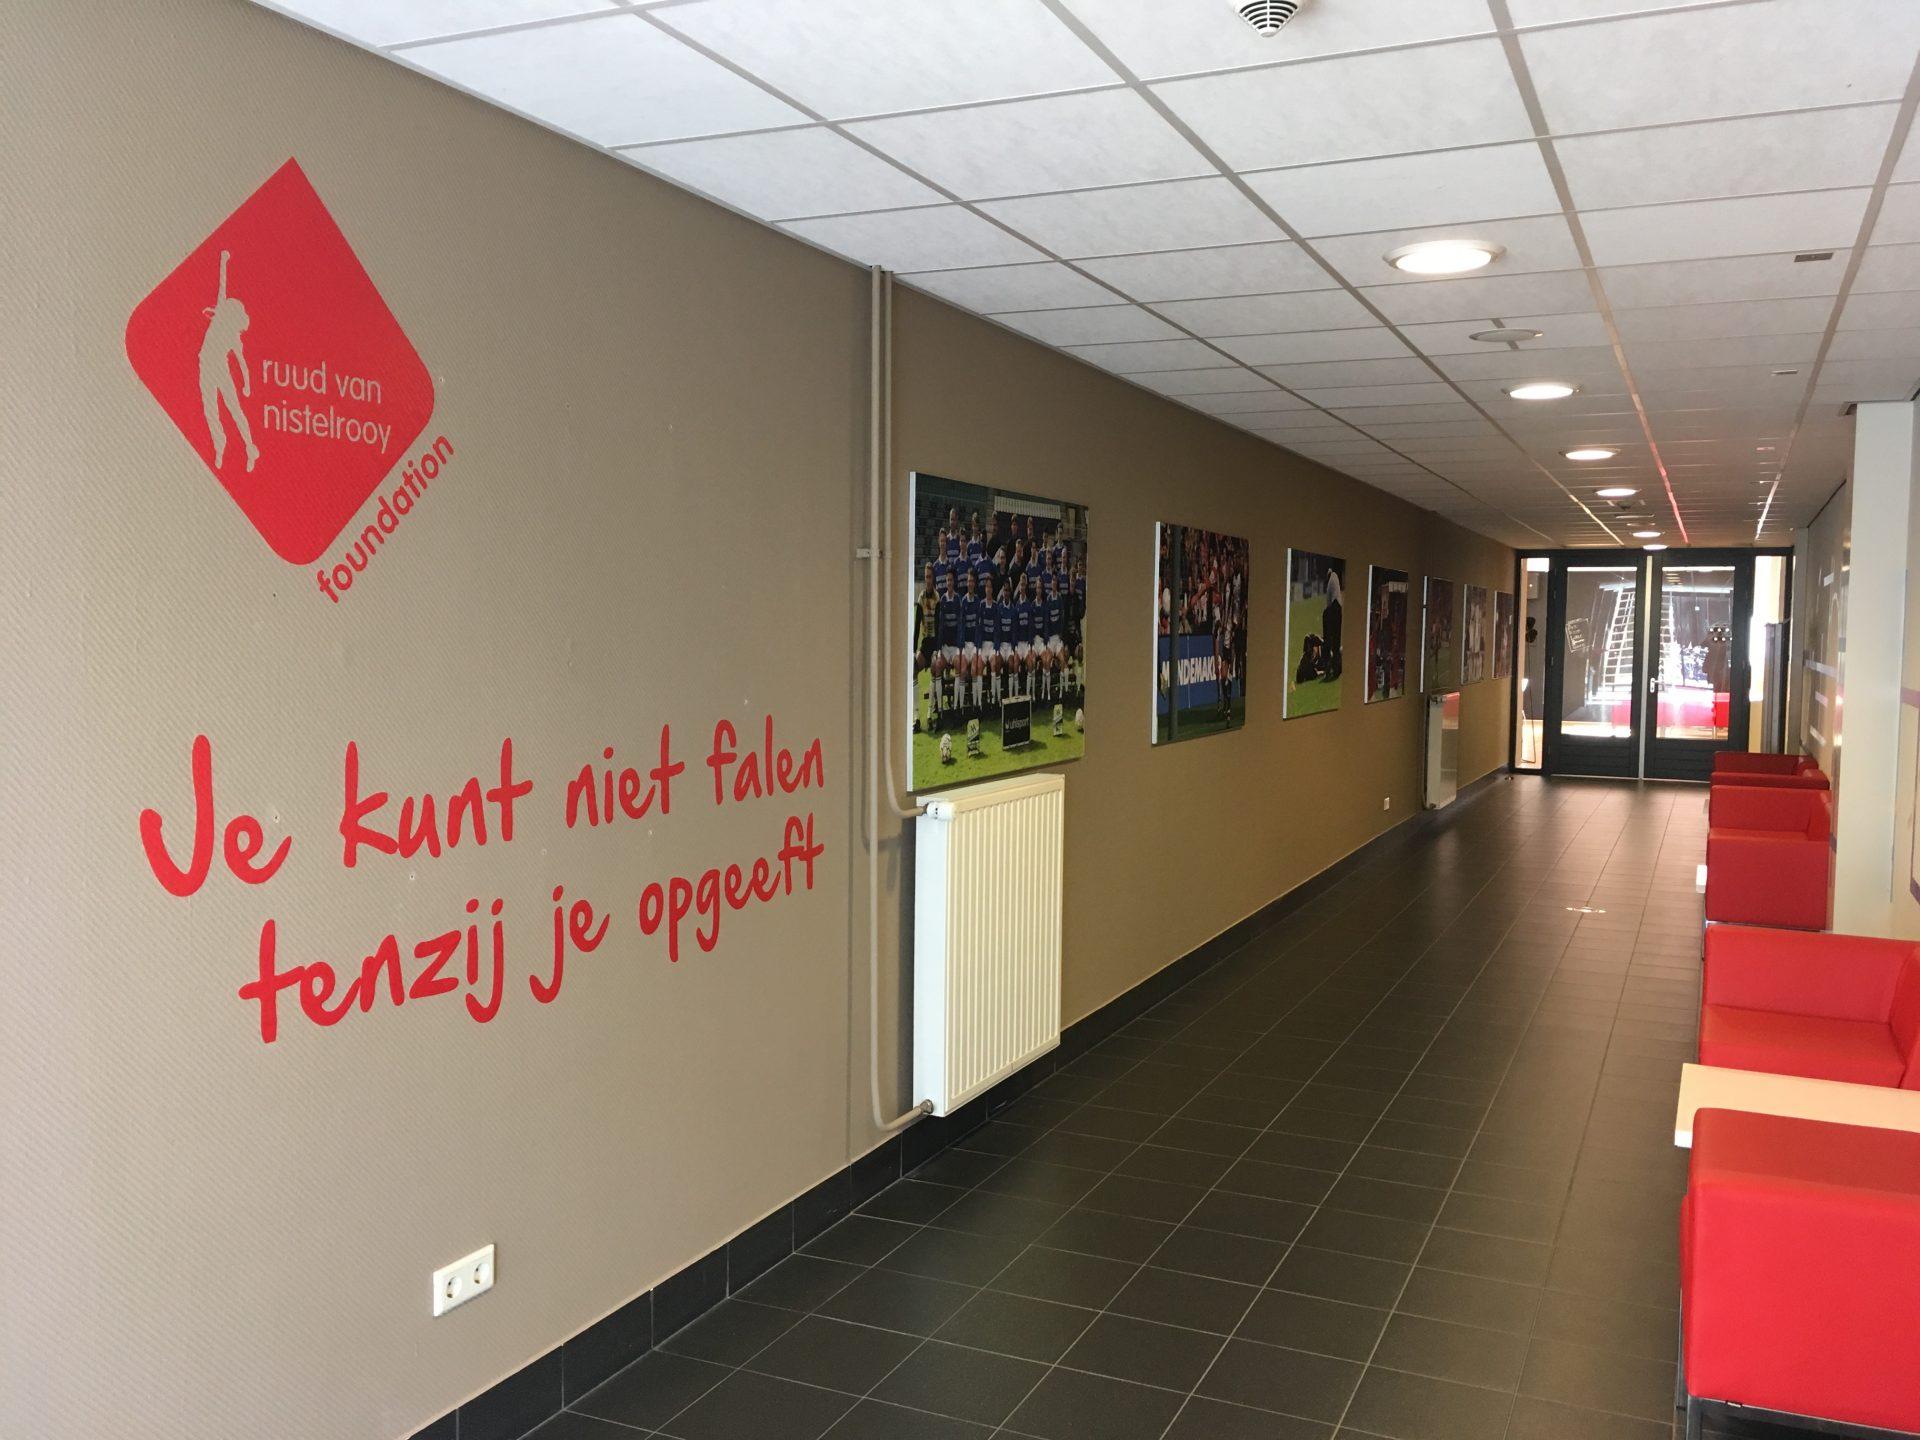 Ruud van Nistelrooy Foundation14